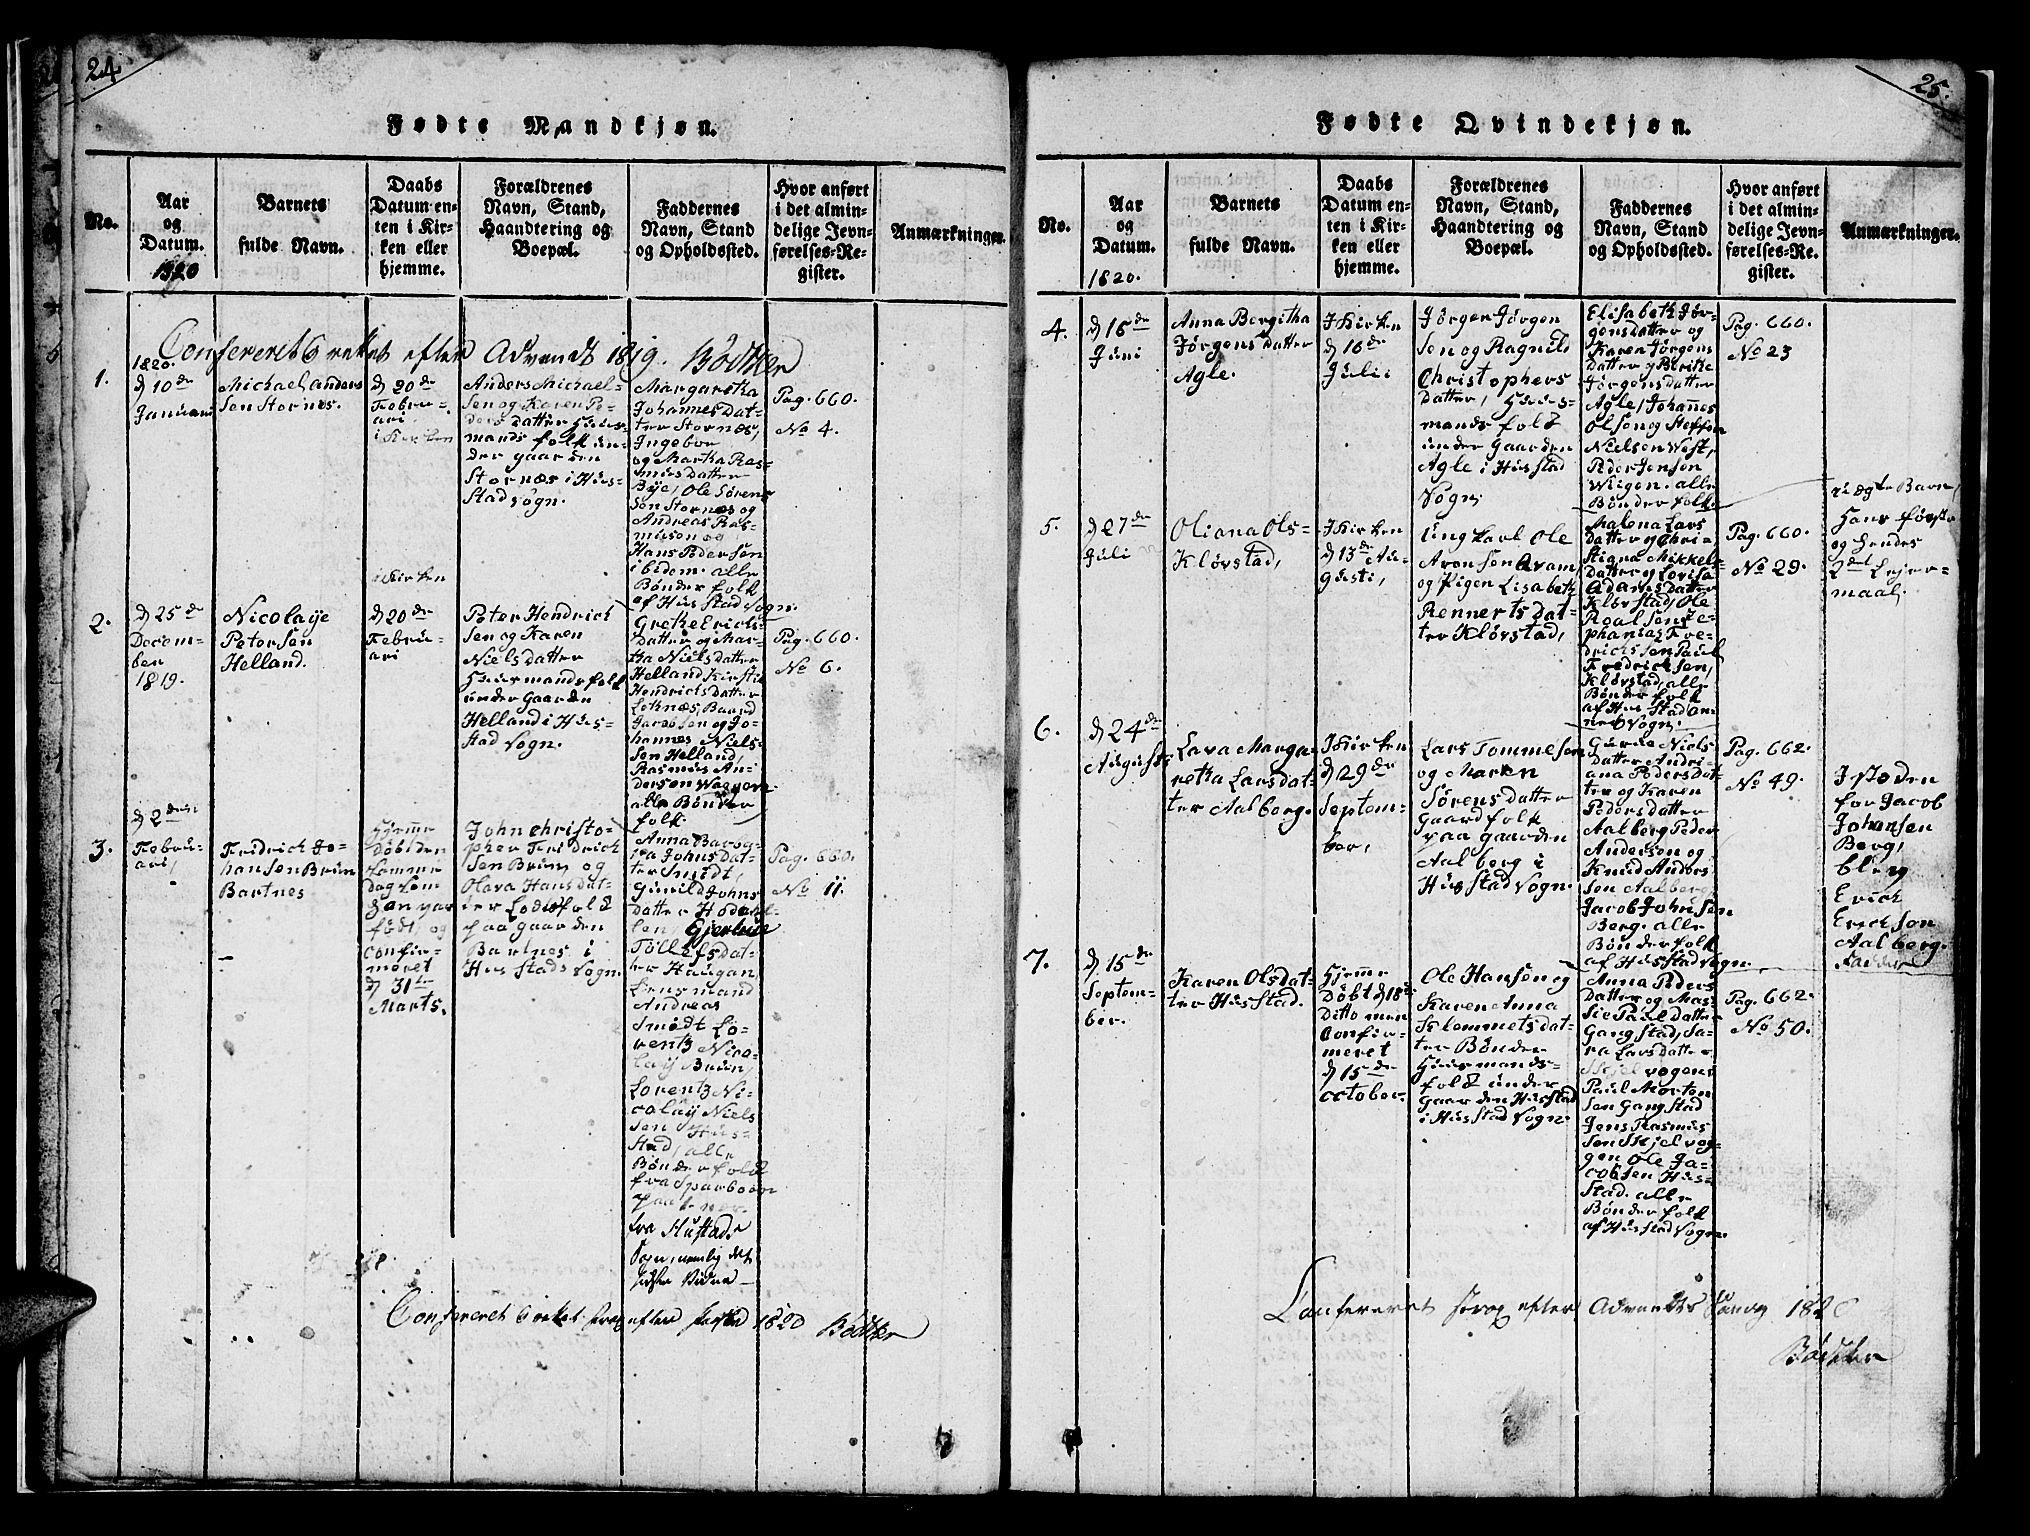 SAT, Ministerialprotokoller, klokkerbøker og fødselsregistre - Nord-Trøndelag, 732/L0317: Klokkerbok nr. 732C01, 1816-1881, s. 24-25